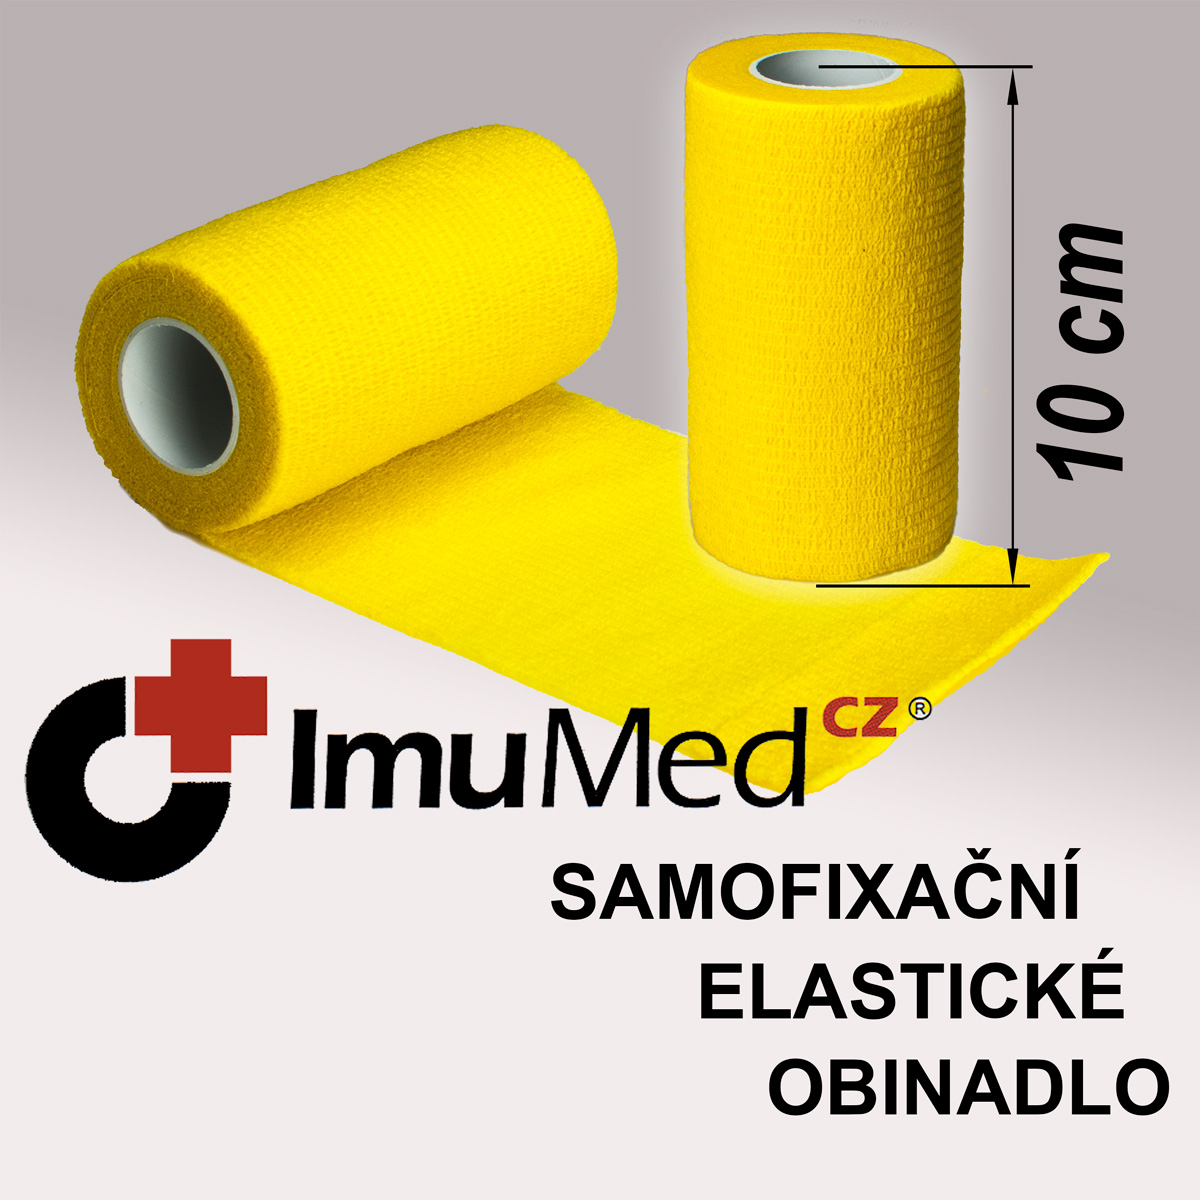 ImuMedCZ samofixační elastické obinadlo 10 cm x 4,5 m ŽLUTÁ barva ImuMedCZ samodržící elastické obinadlo 10 cm x 4,5 m ŽLUTÁ barva